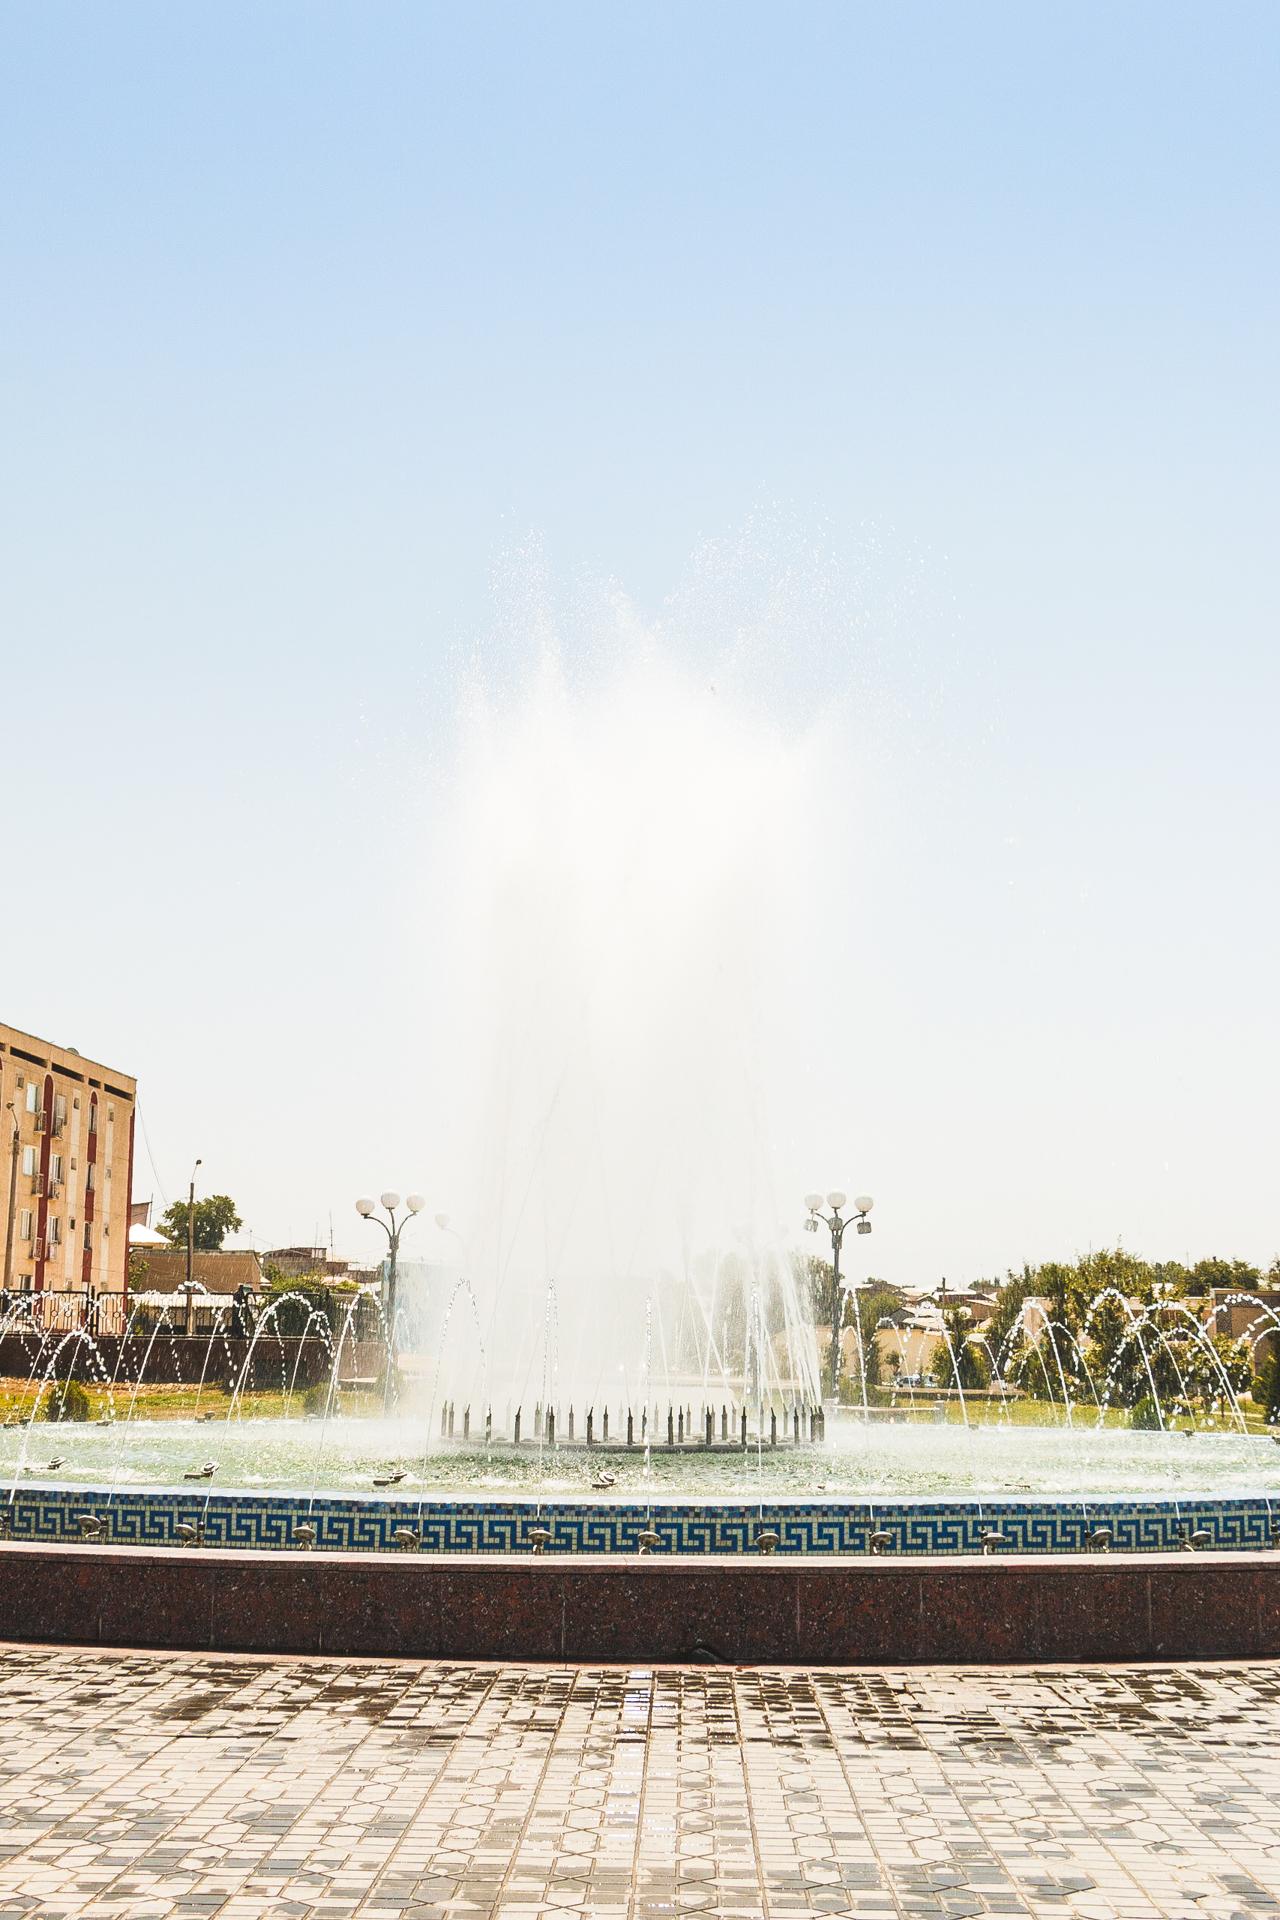 uzbekistan-travel-photography-14.jpg